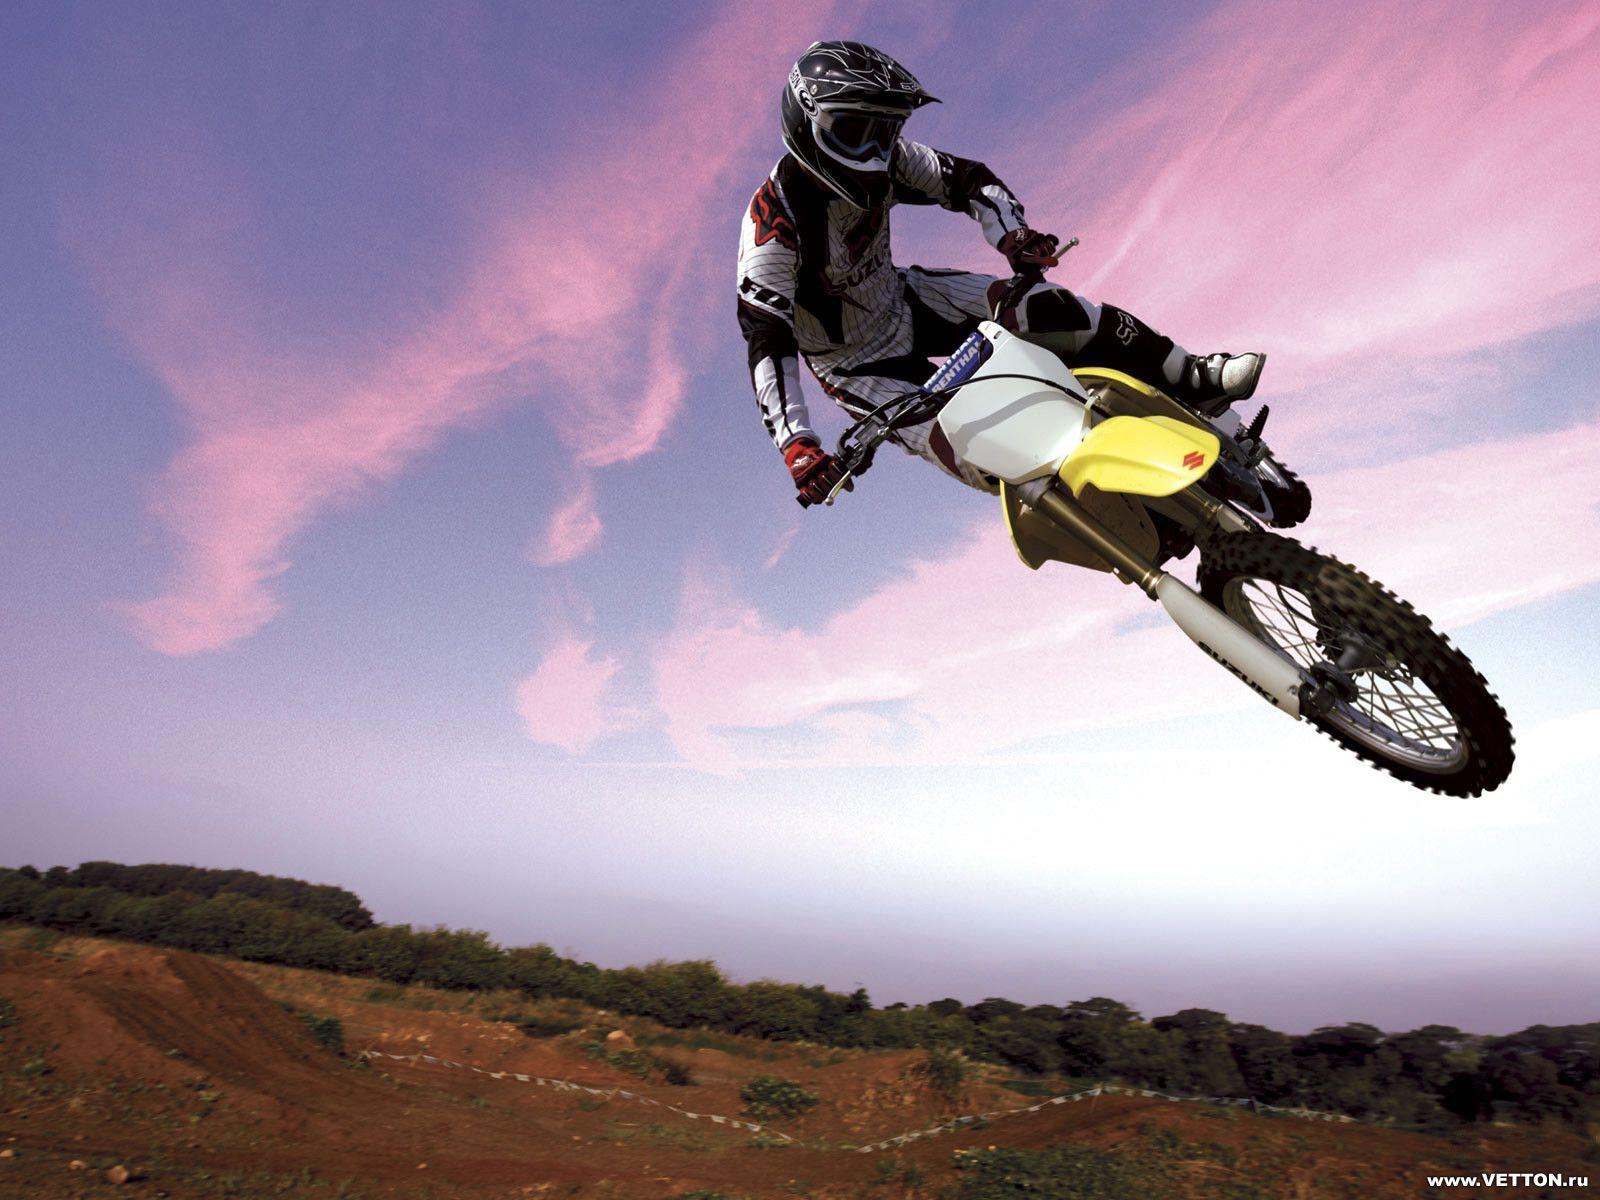 7708 descargar fondo de pantalla Deportes, Motocross: protectores de pantalla e imágenes gratis